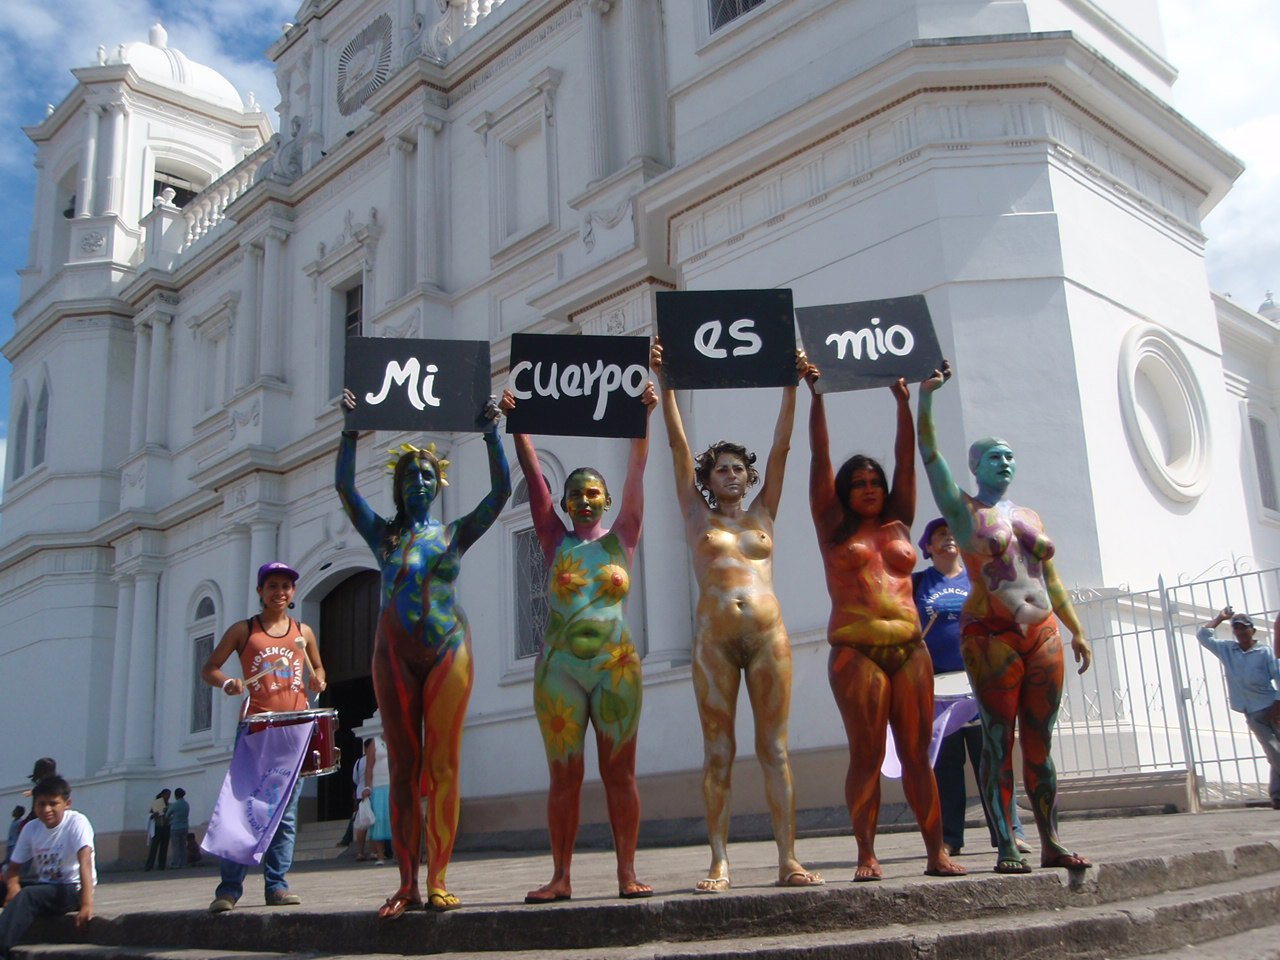 prostitutas y vih que significa piruja en mexico